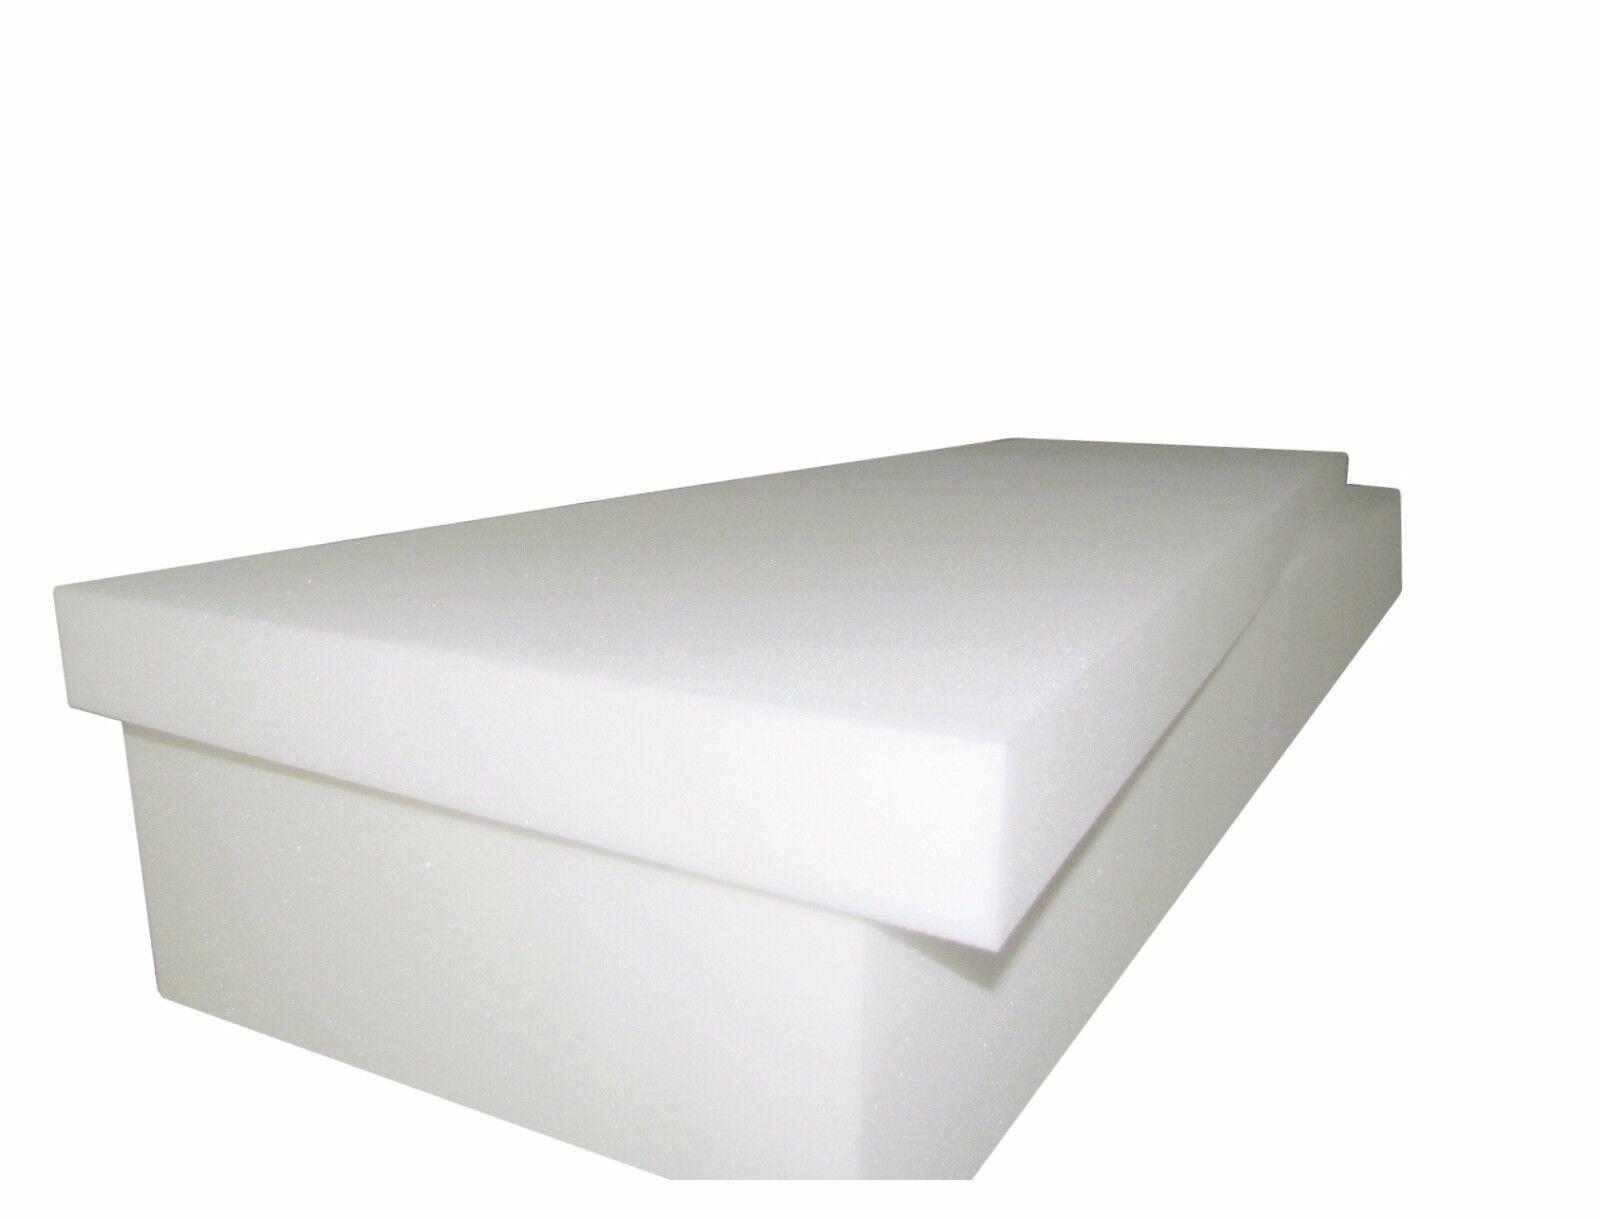 FOAM SEAT CUSHION (MEDIUM FIRM) 5 x22 x80  (1536) High Density-Foam Slabs